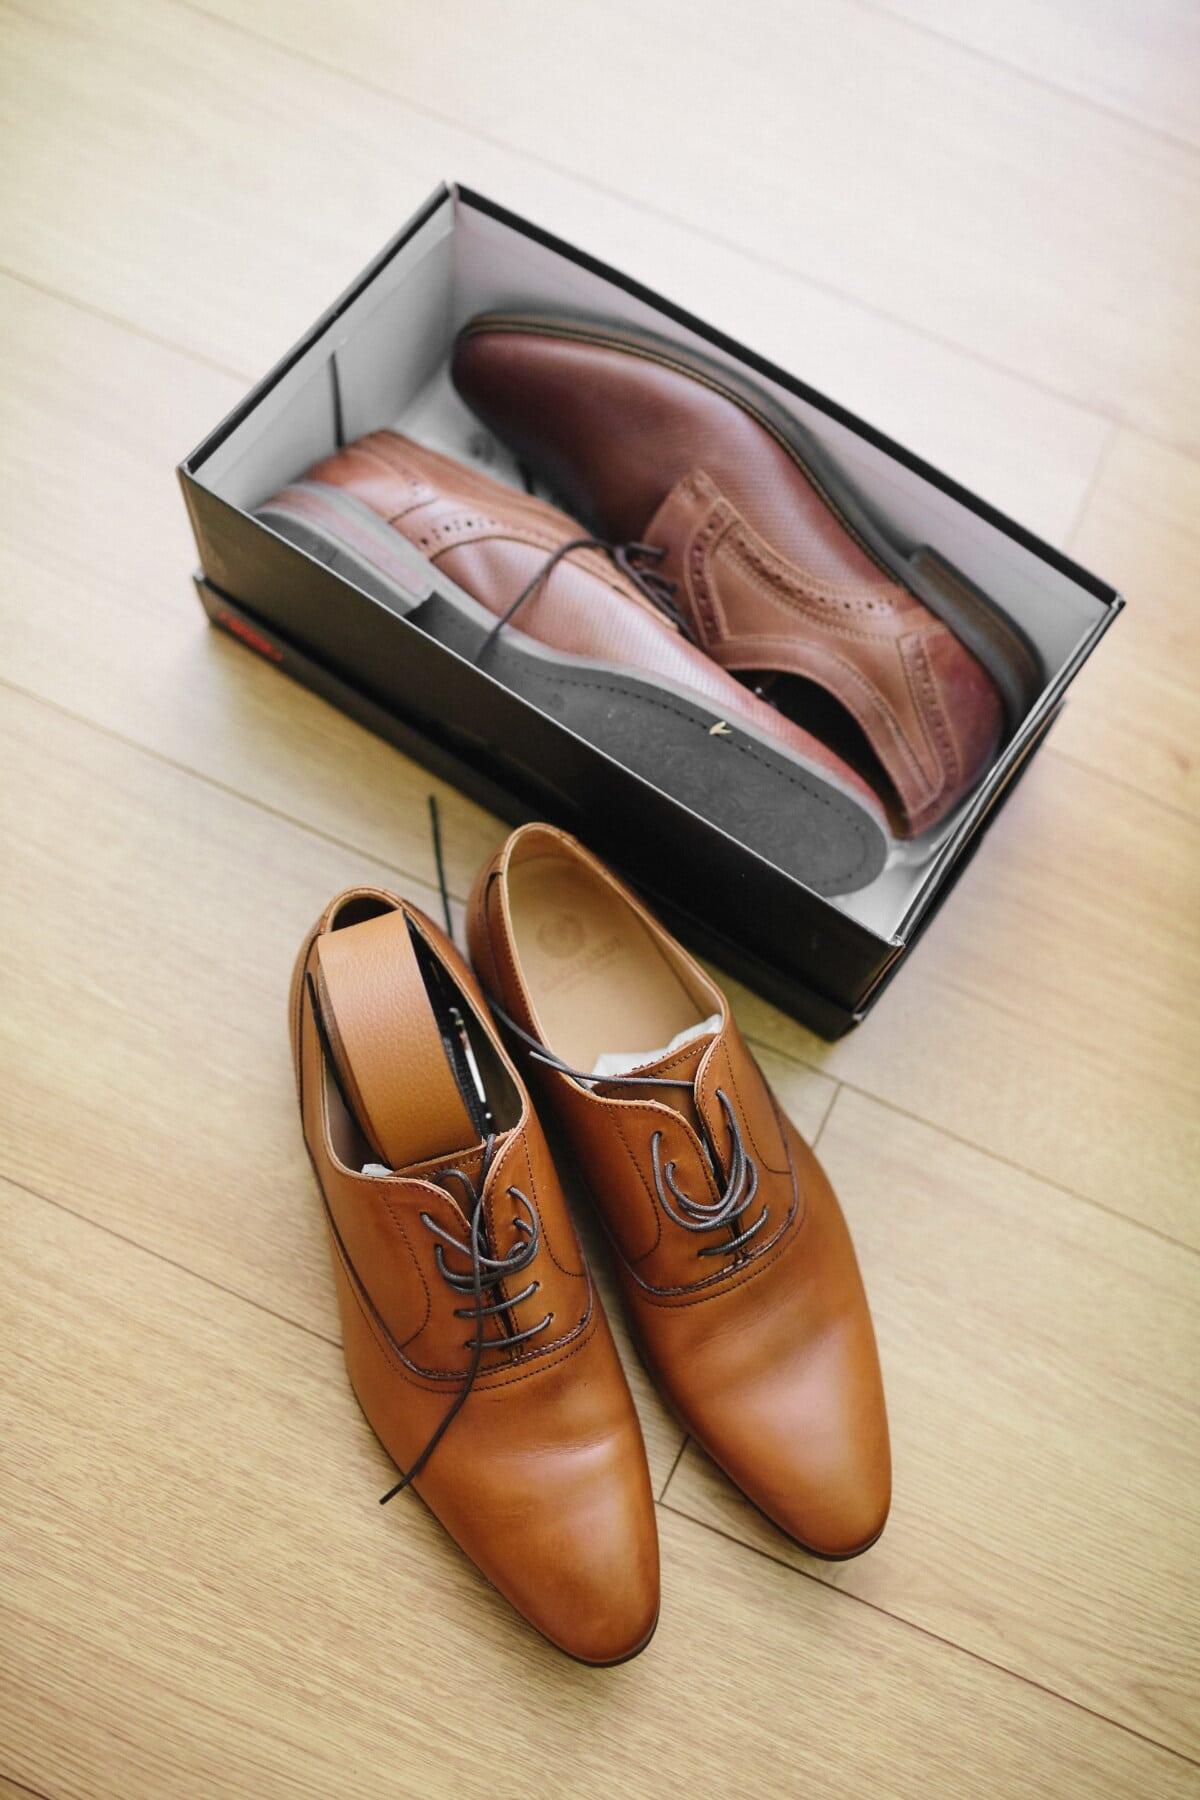 pantofi, clasic, maro deschis, moderne, cutie, fantezie, din piele, cumpărături, marfa, pachet